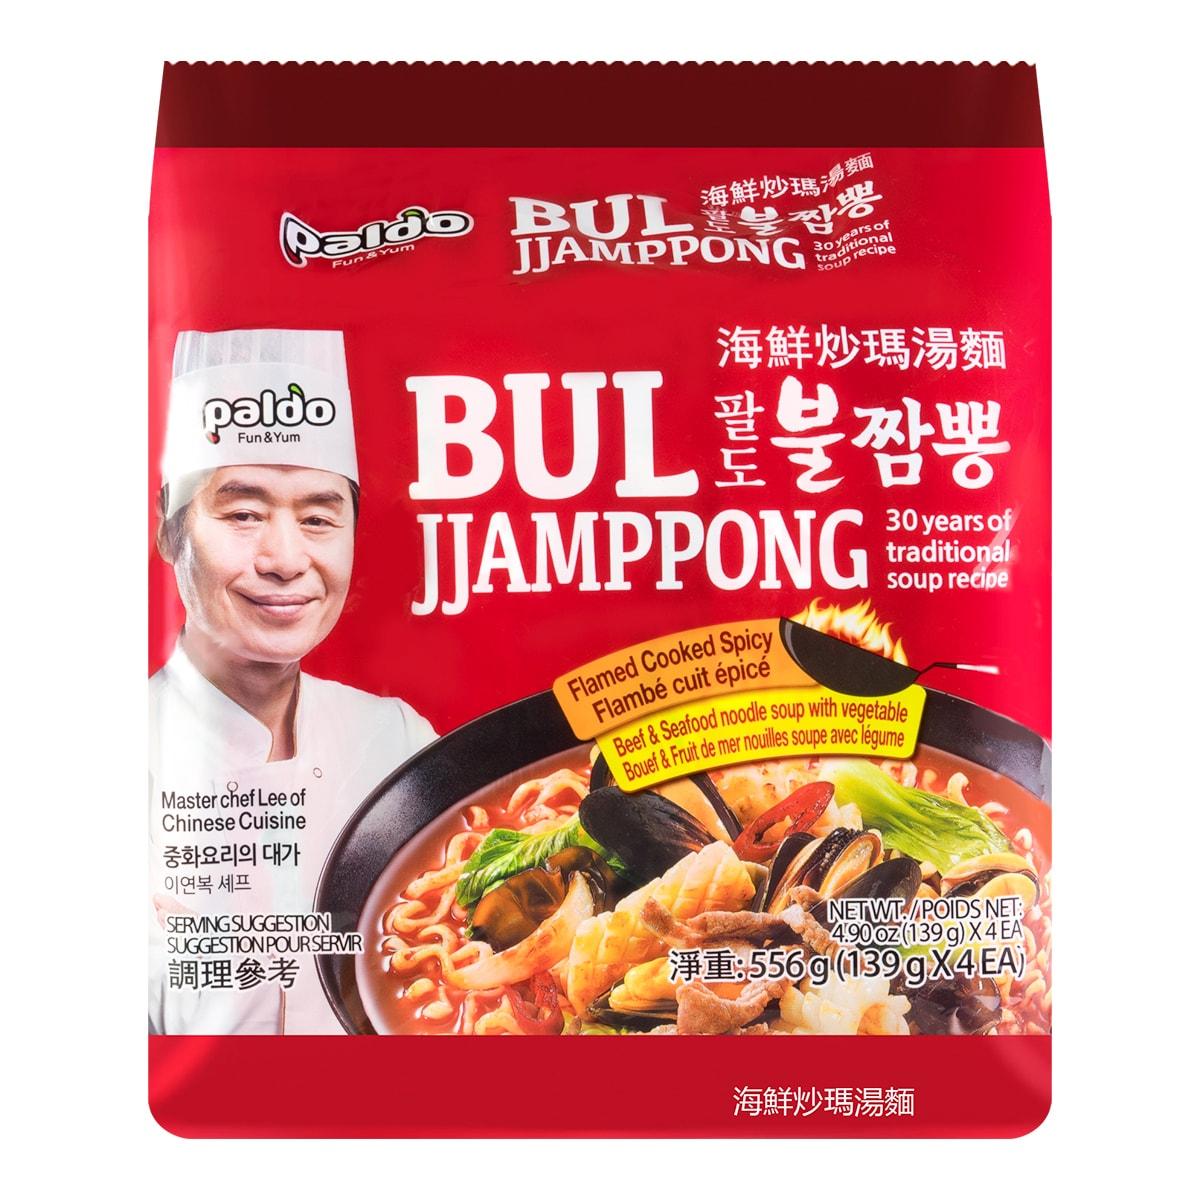 韩国PALDO八道 海鲜炒玛汤面 4包入 556g